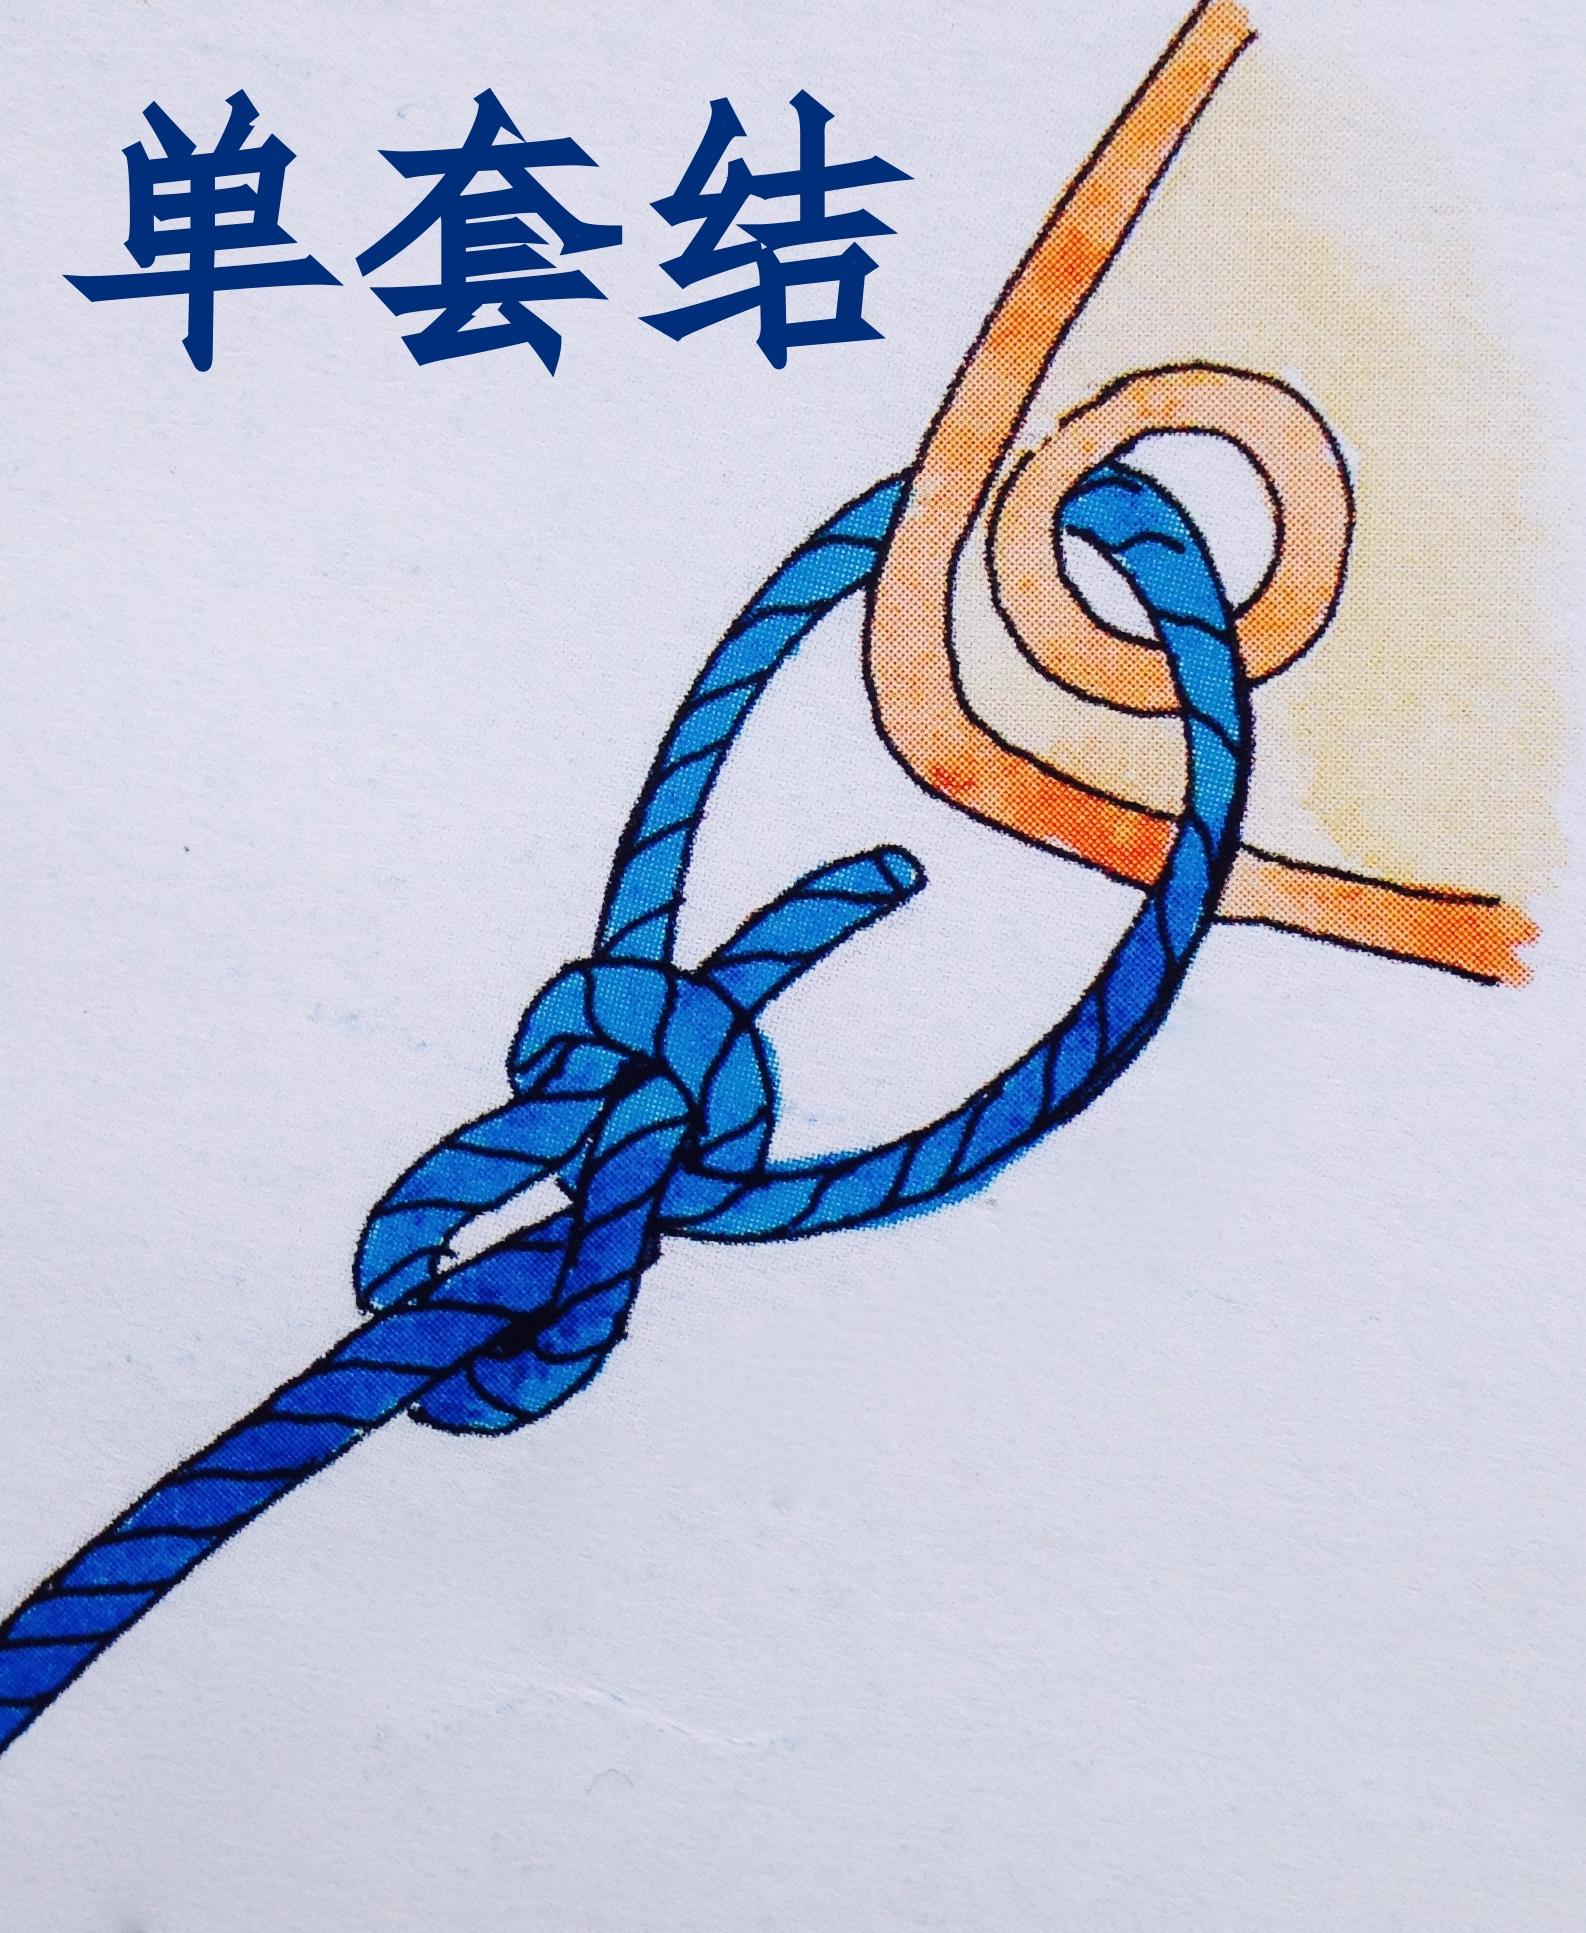 徐莉佳,帆船,绳结打法 三个驾驶帆船就最常用的绳结打法与用途----徐莉佳漫画 5h.jpg